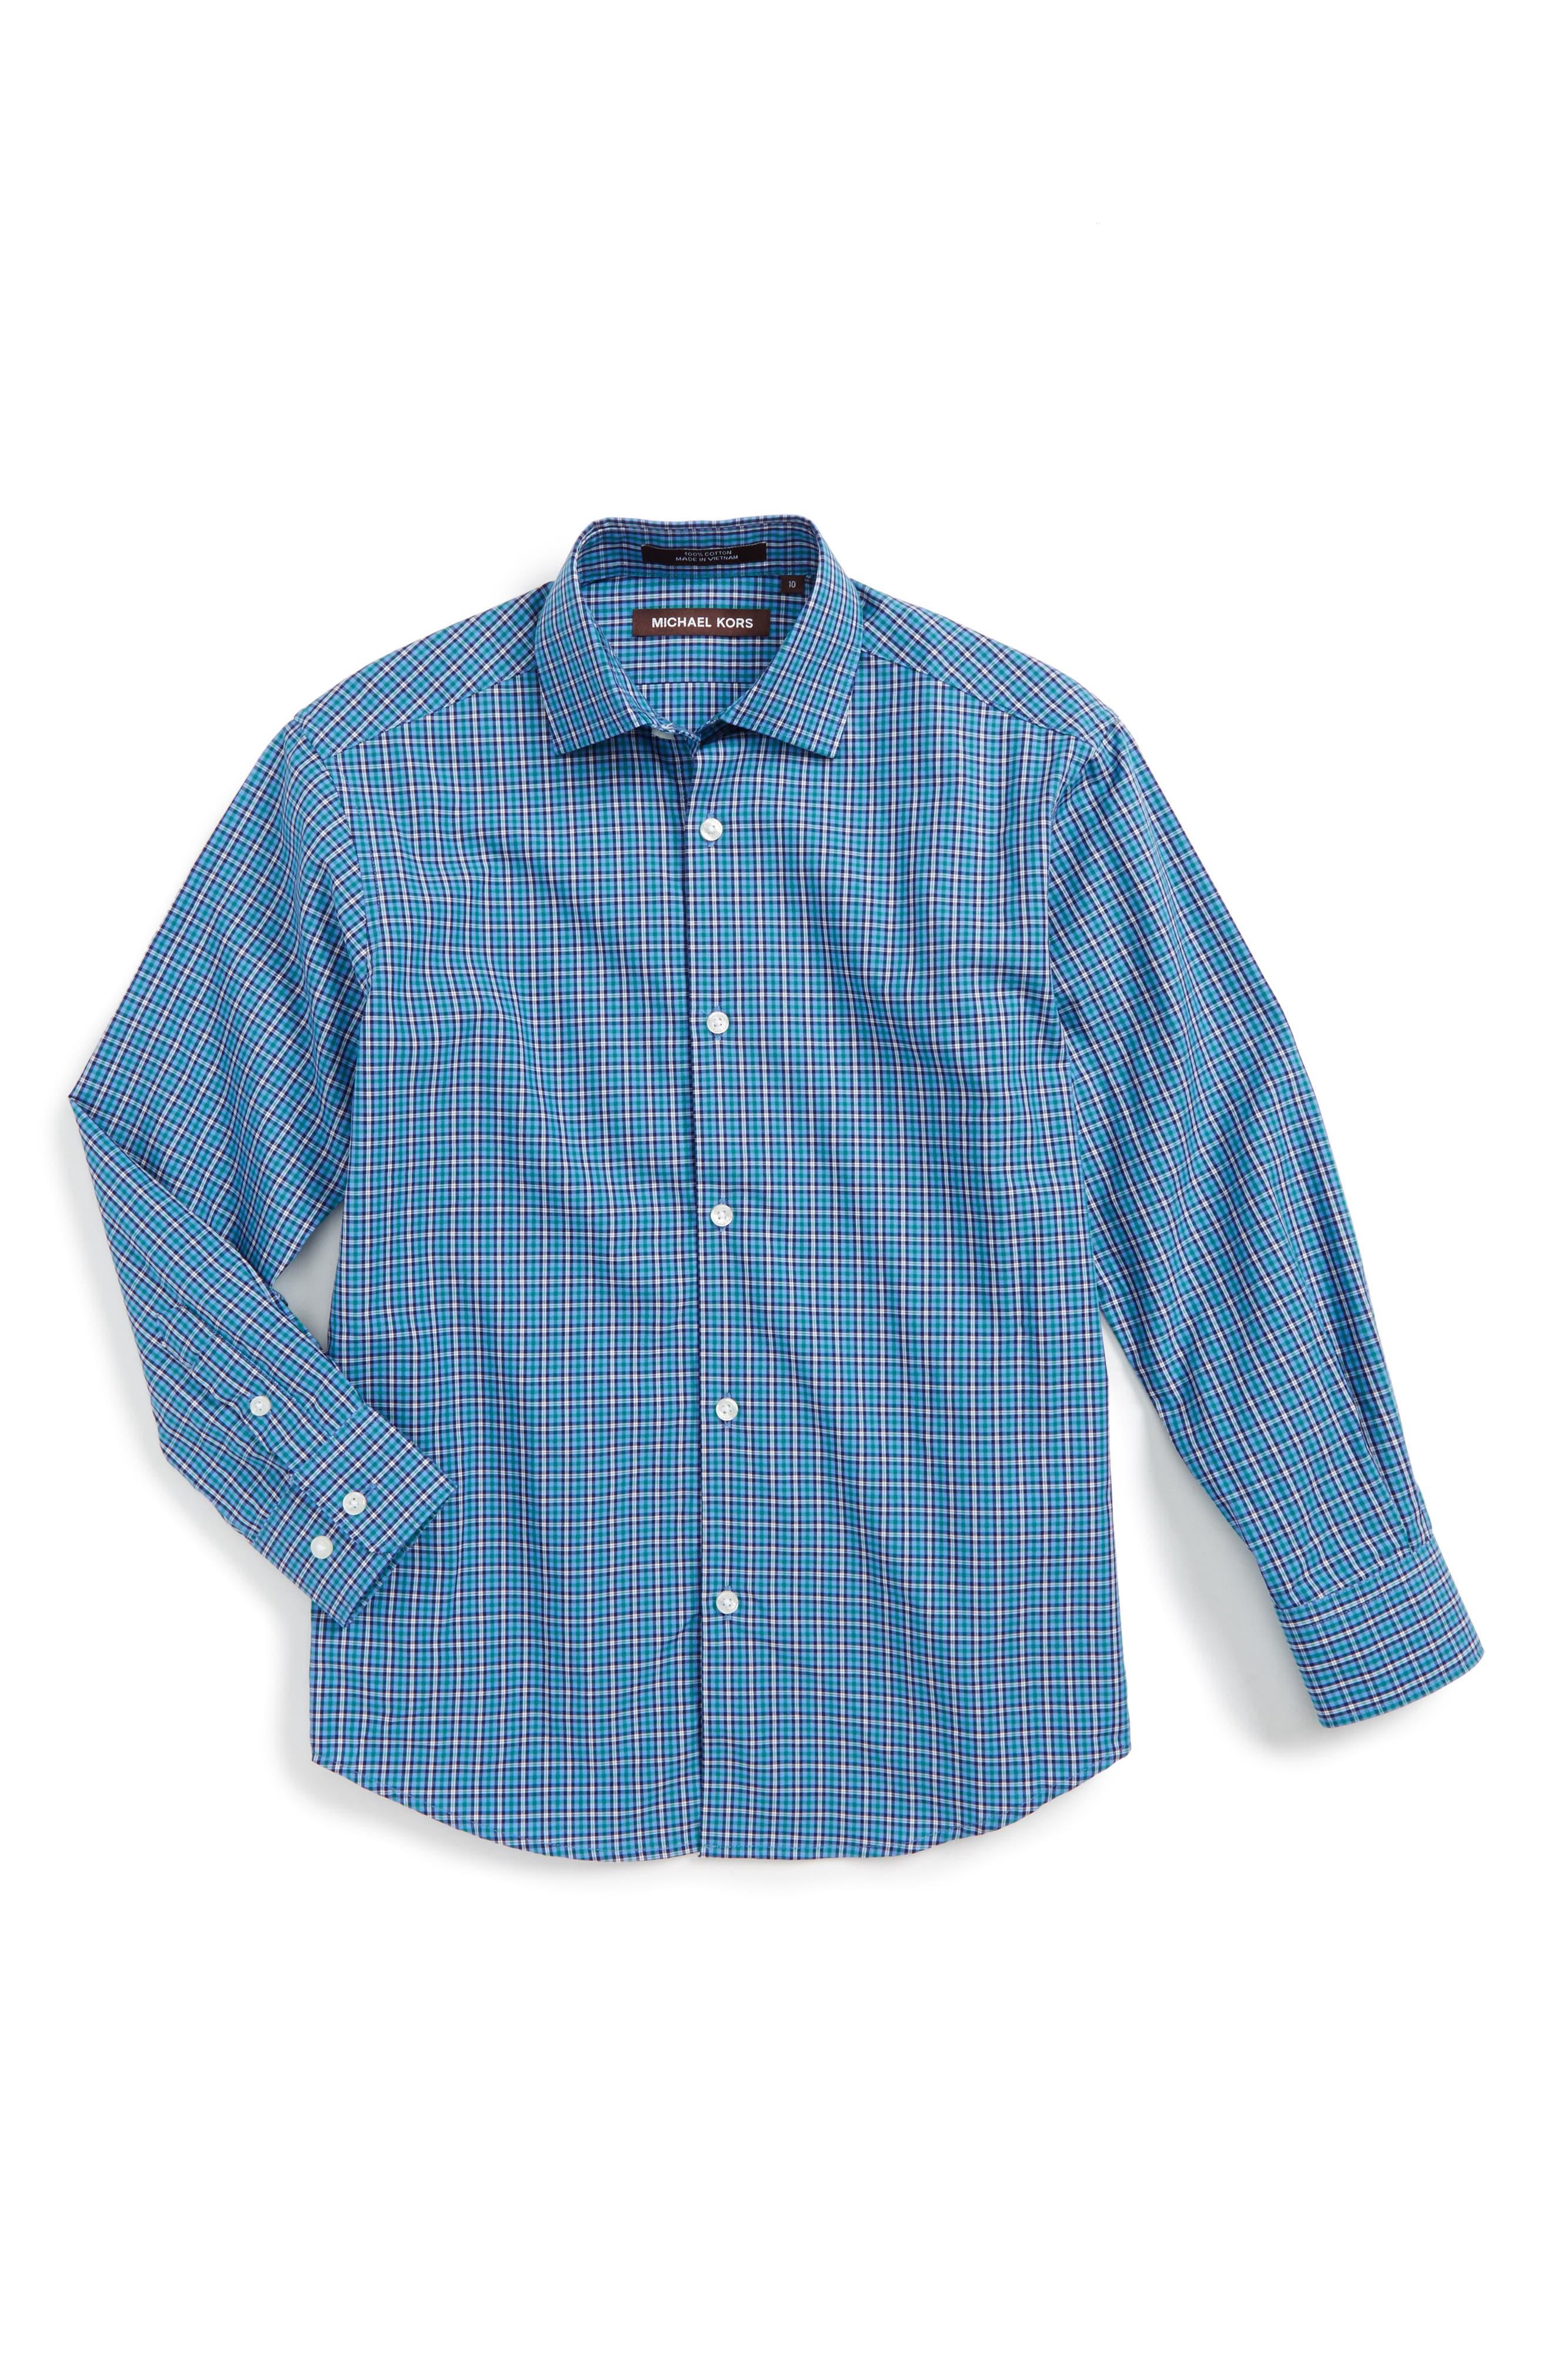 Main Image - Michael Kors Check Dress Shirt (Big Boys)